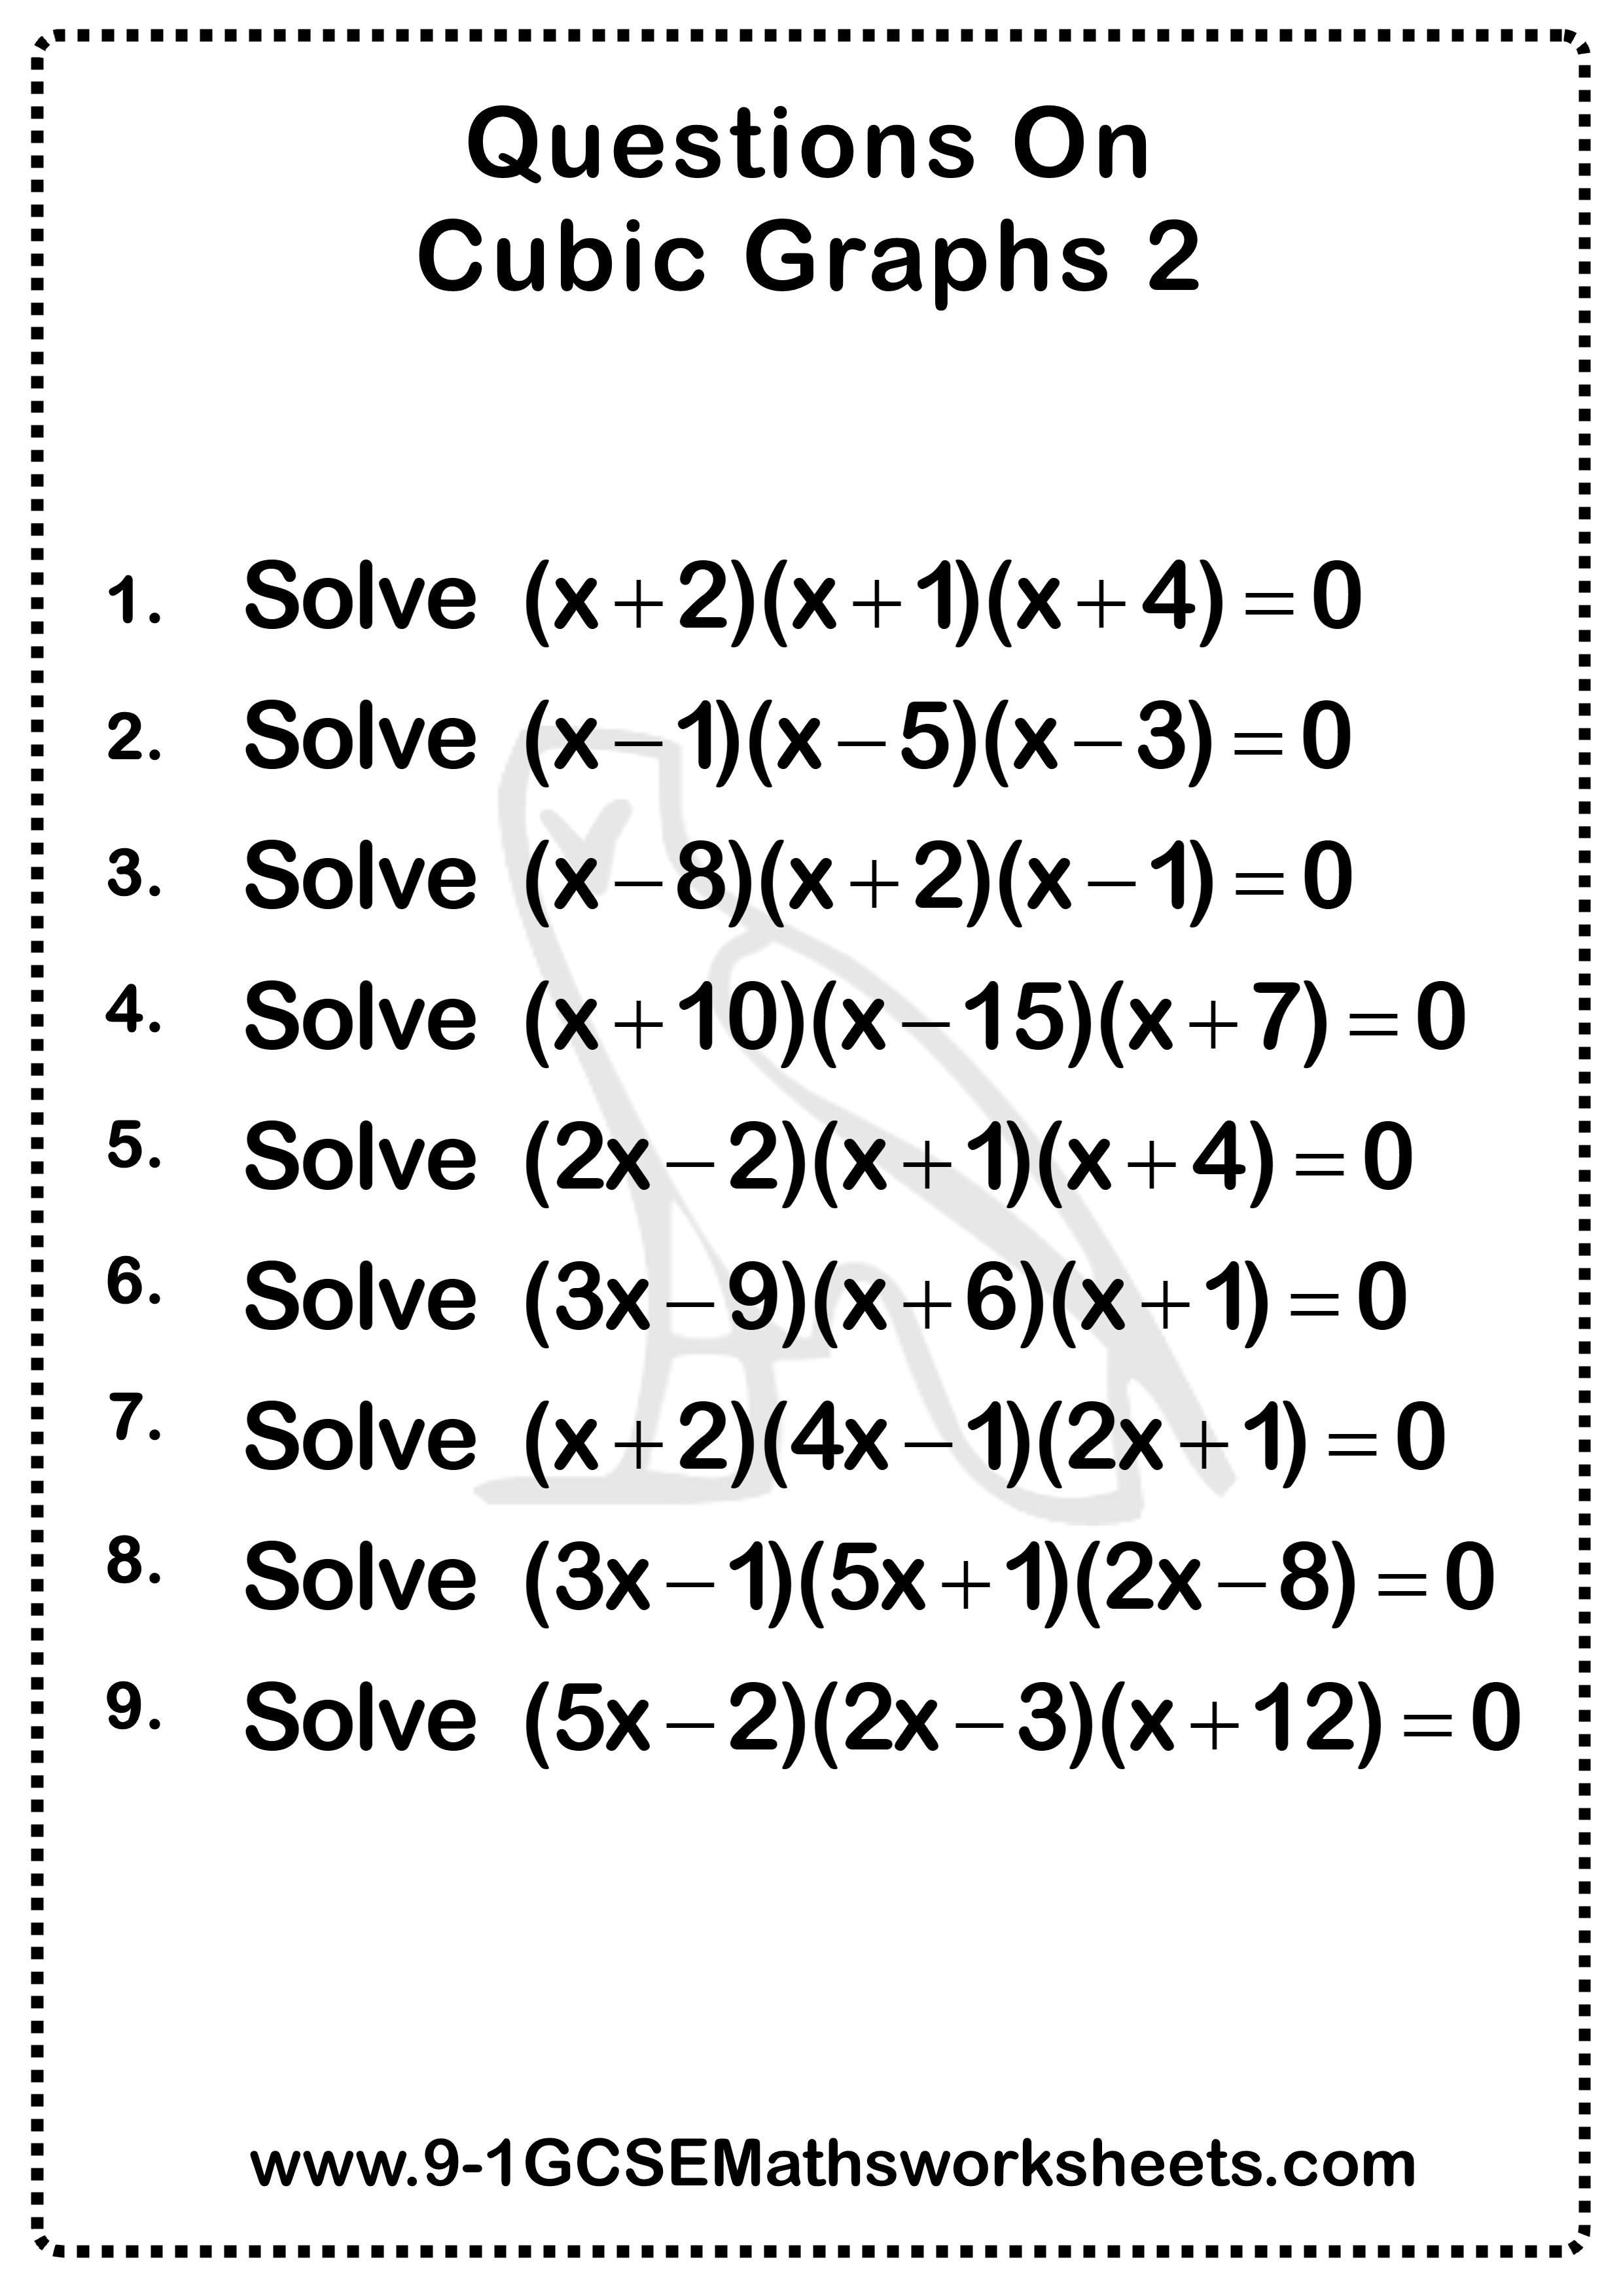 Cubic Graphs Questions 2